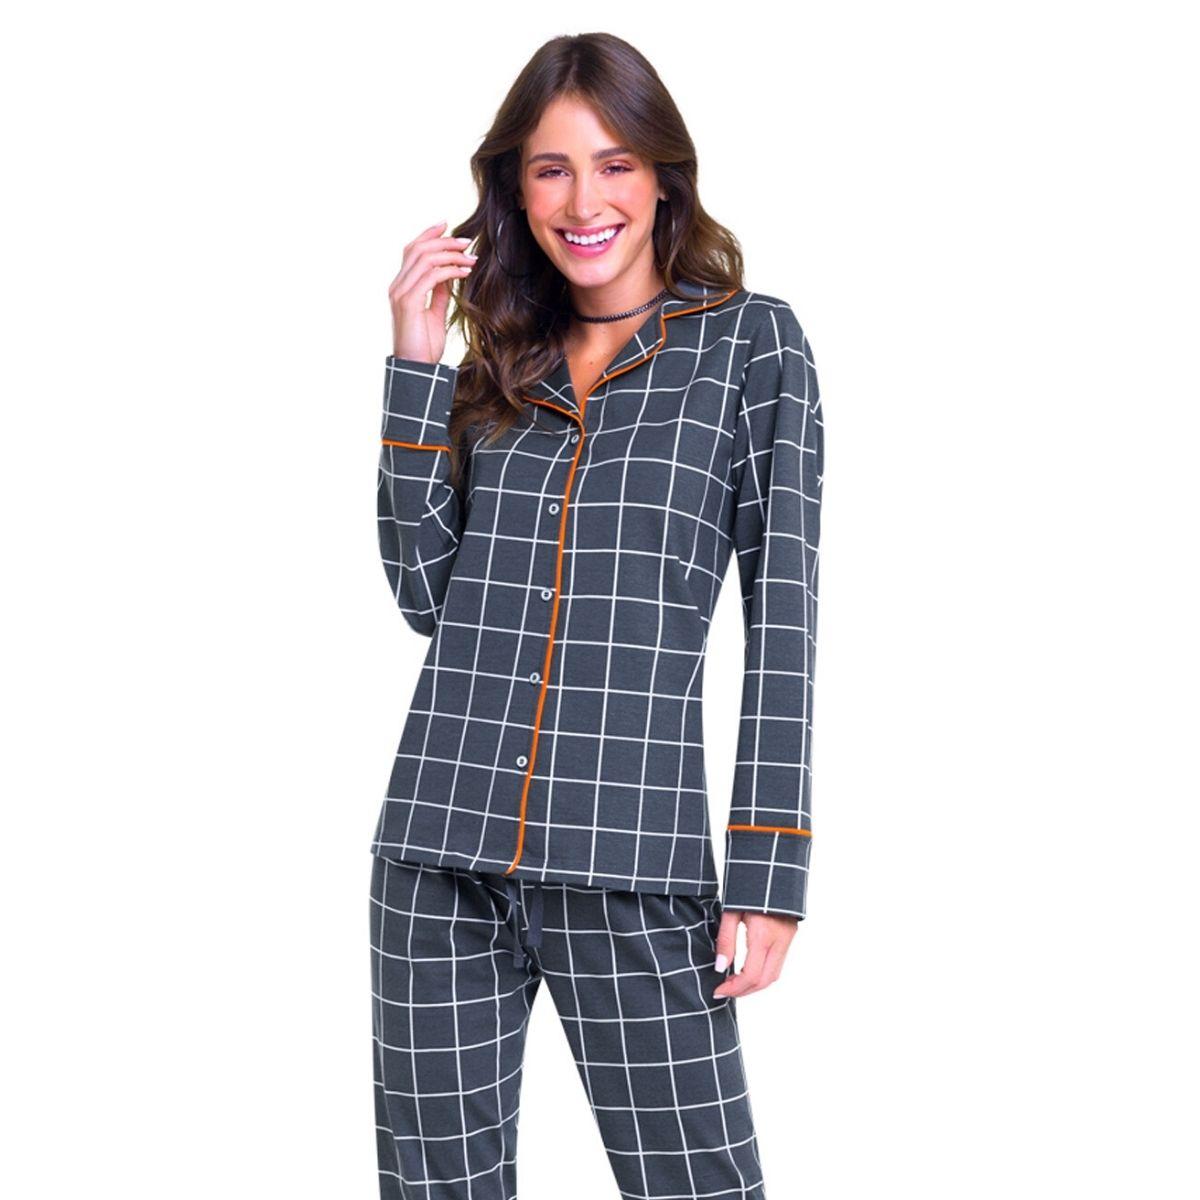 Pijama feminino adulto de botão xadrez manga longa inverno